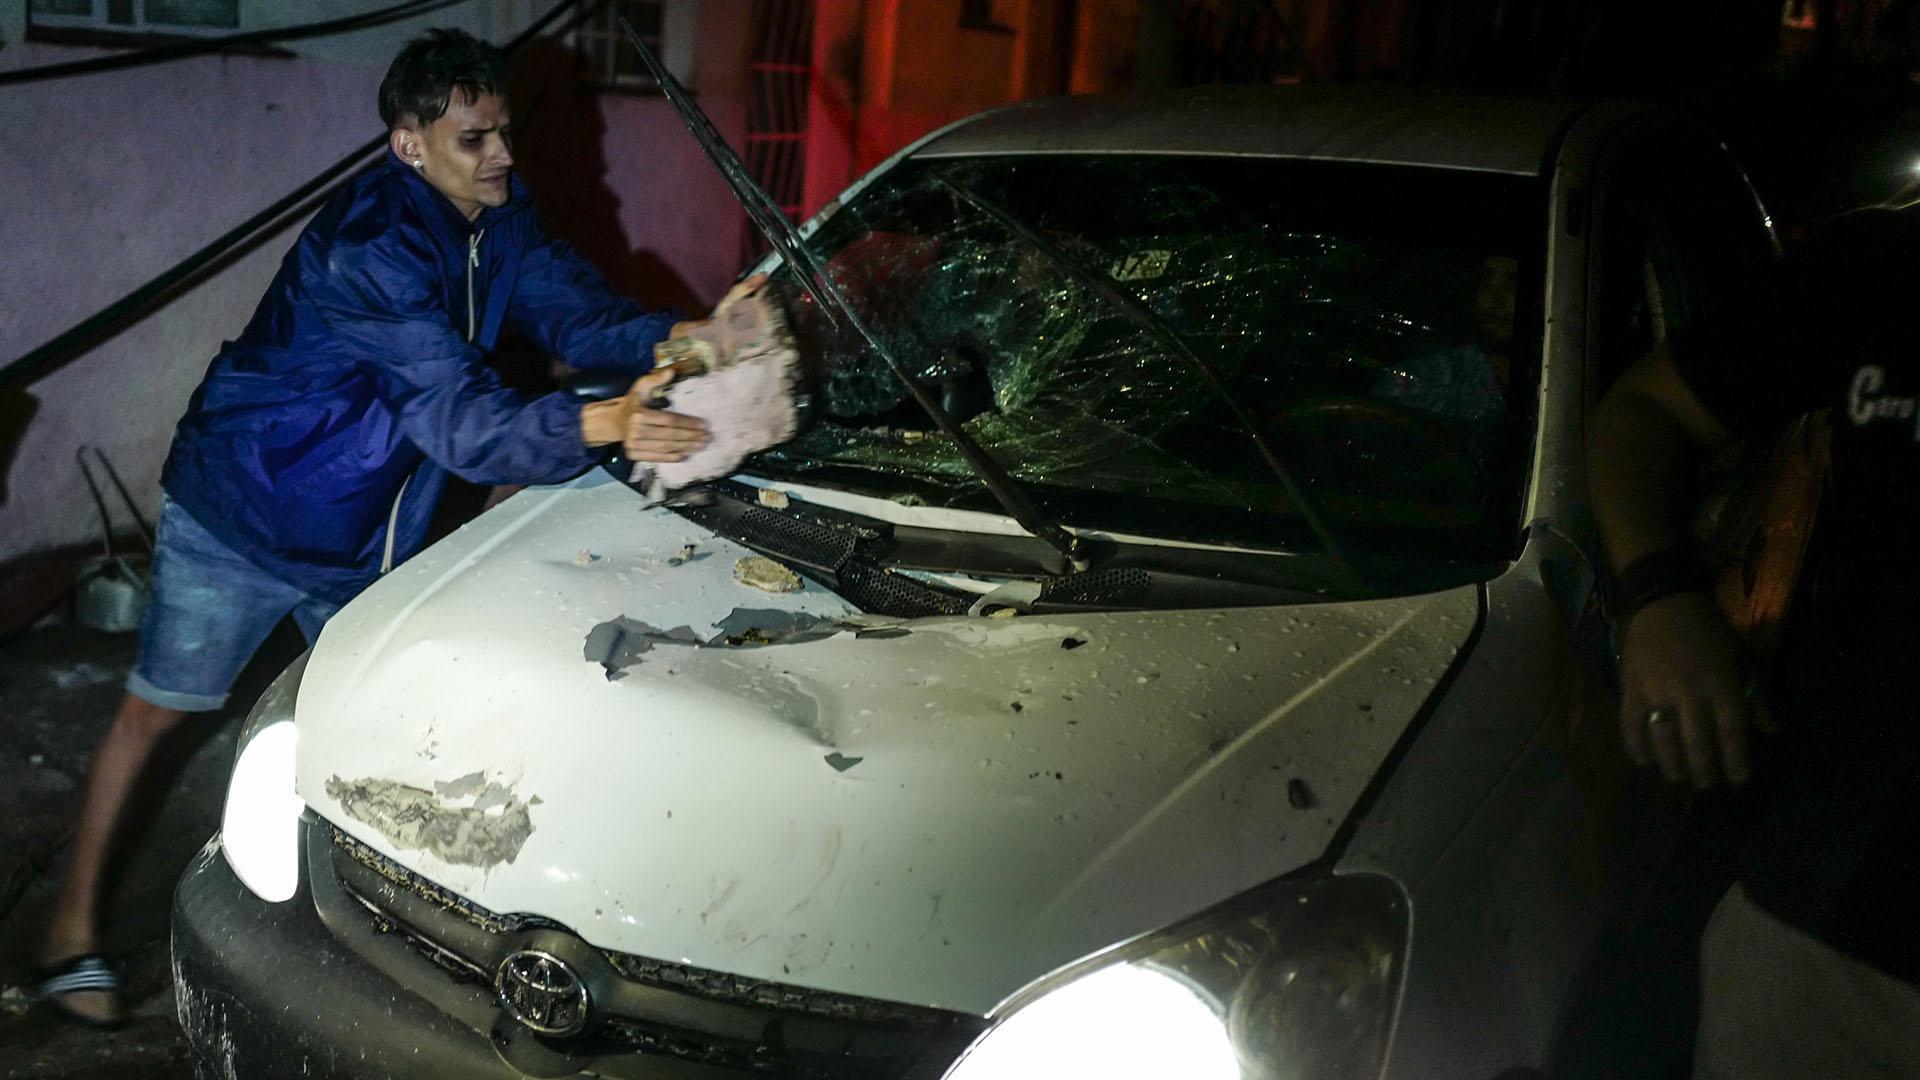 Un hombre trata de limpiar un automóvil que quedó maltrecho por el fenómeno (AFP)